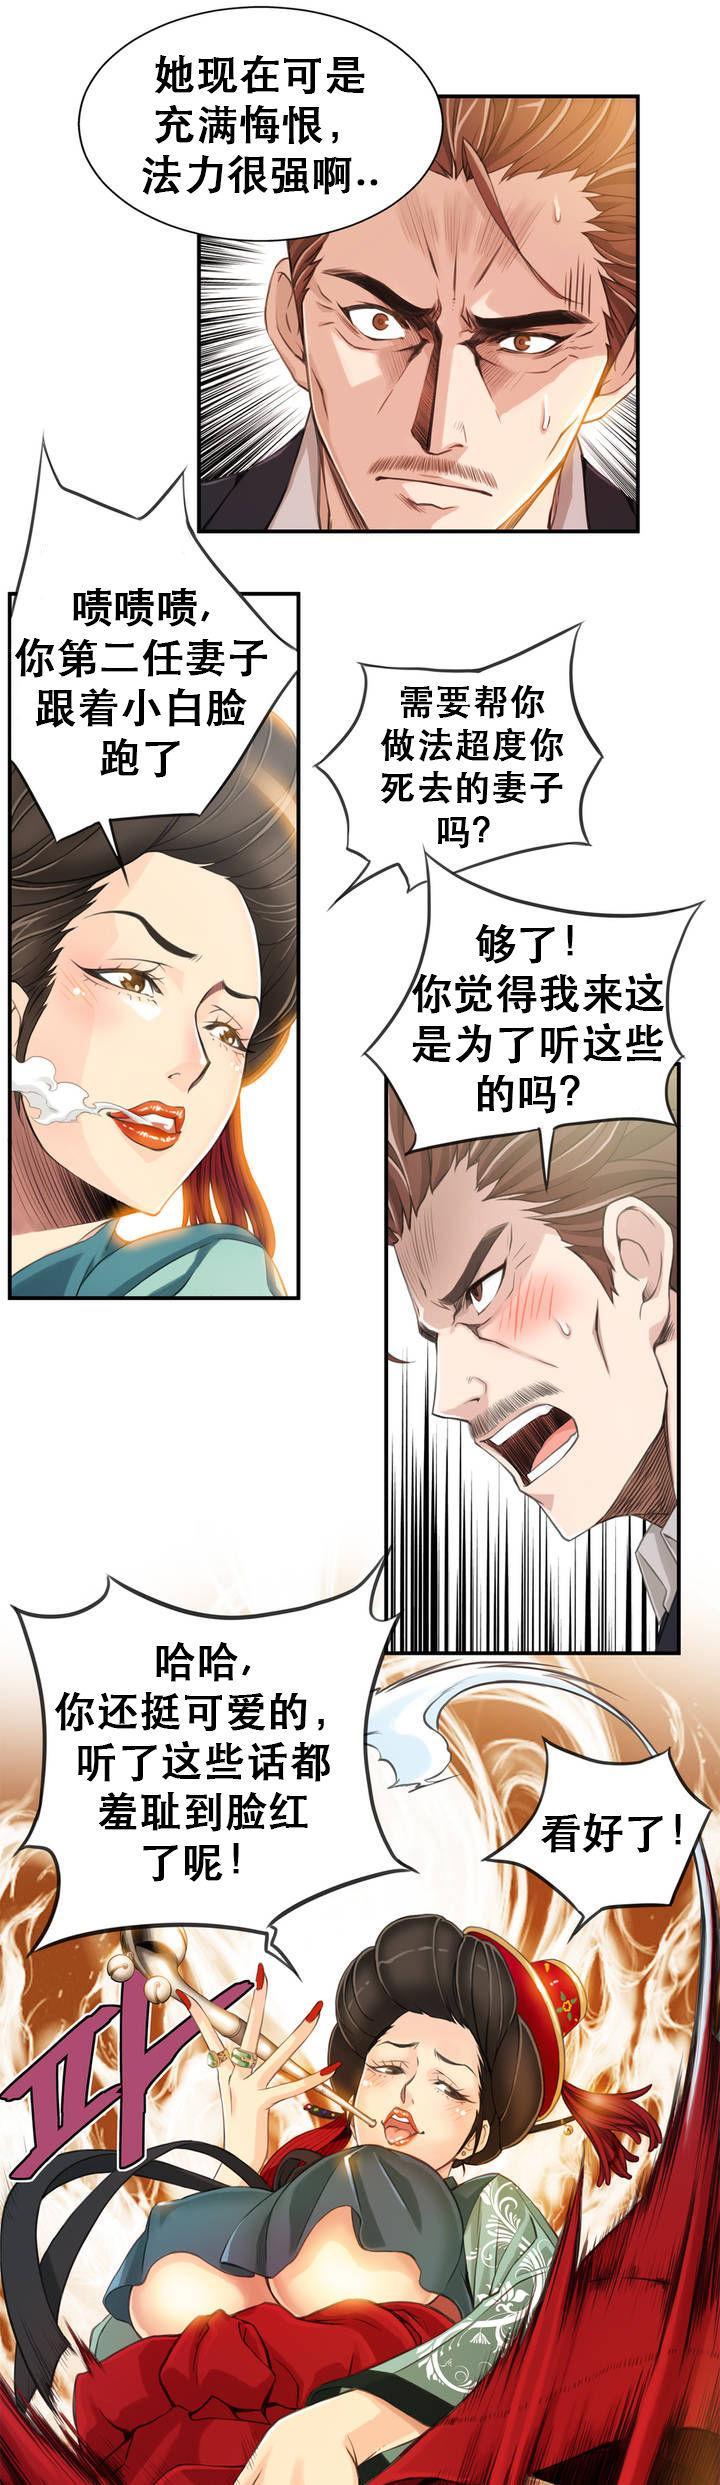 该死的家伙1-6 Chinese 4